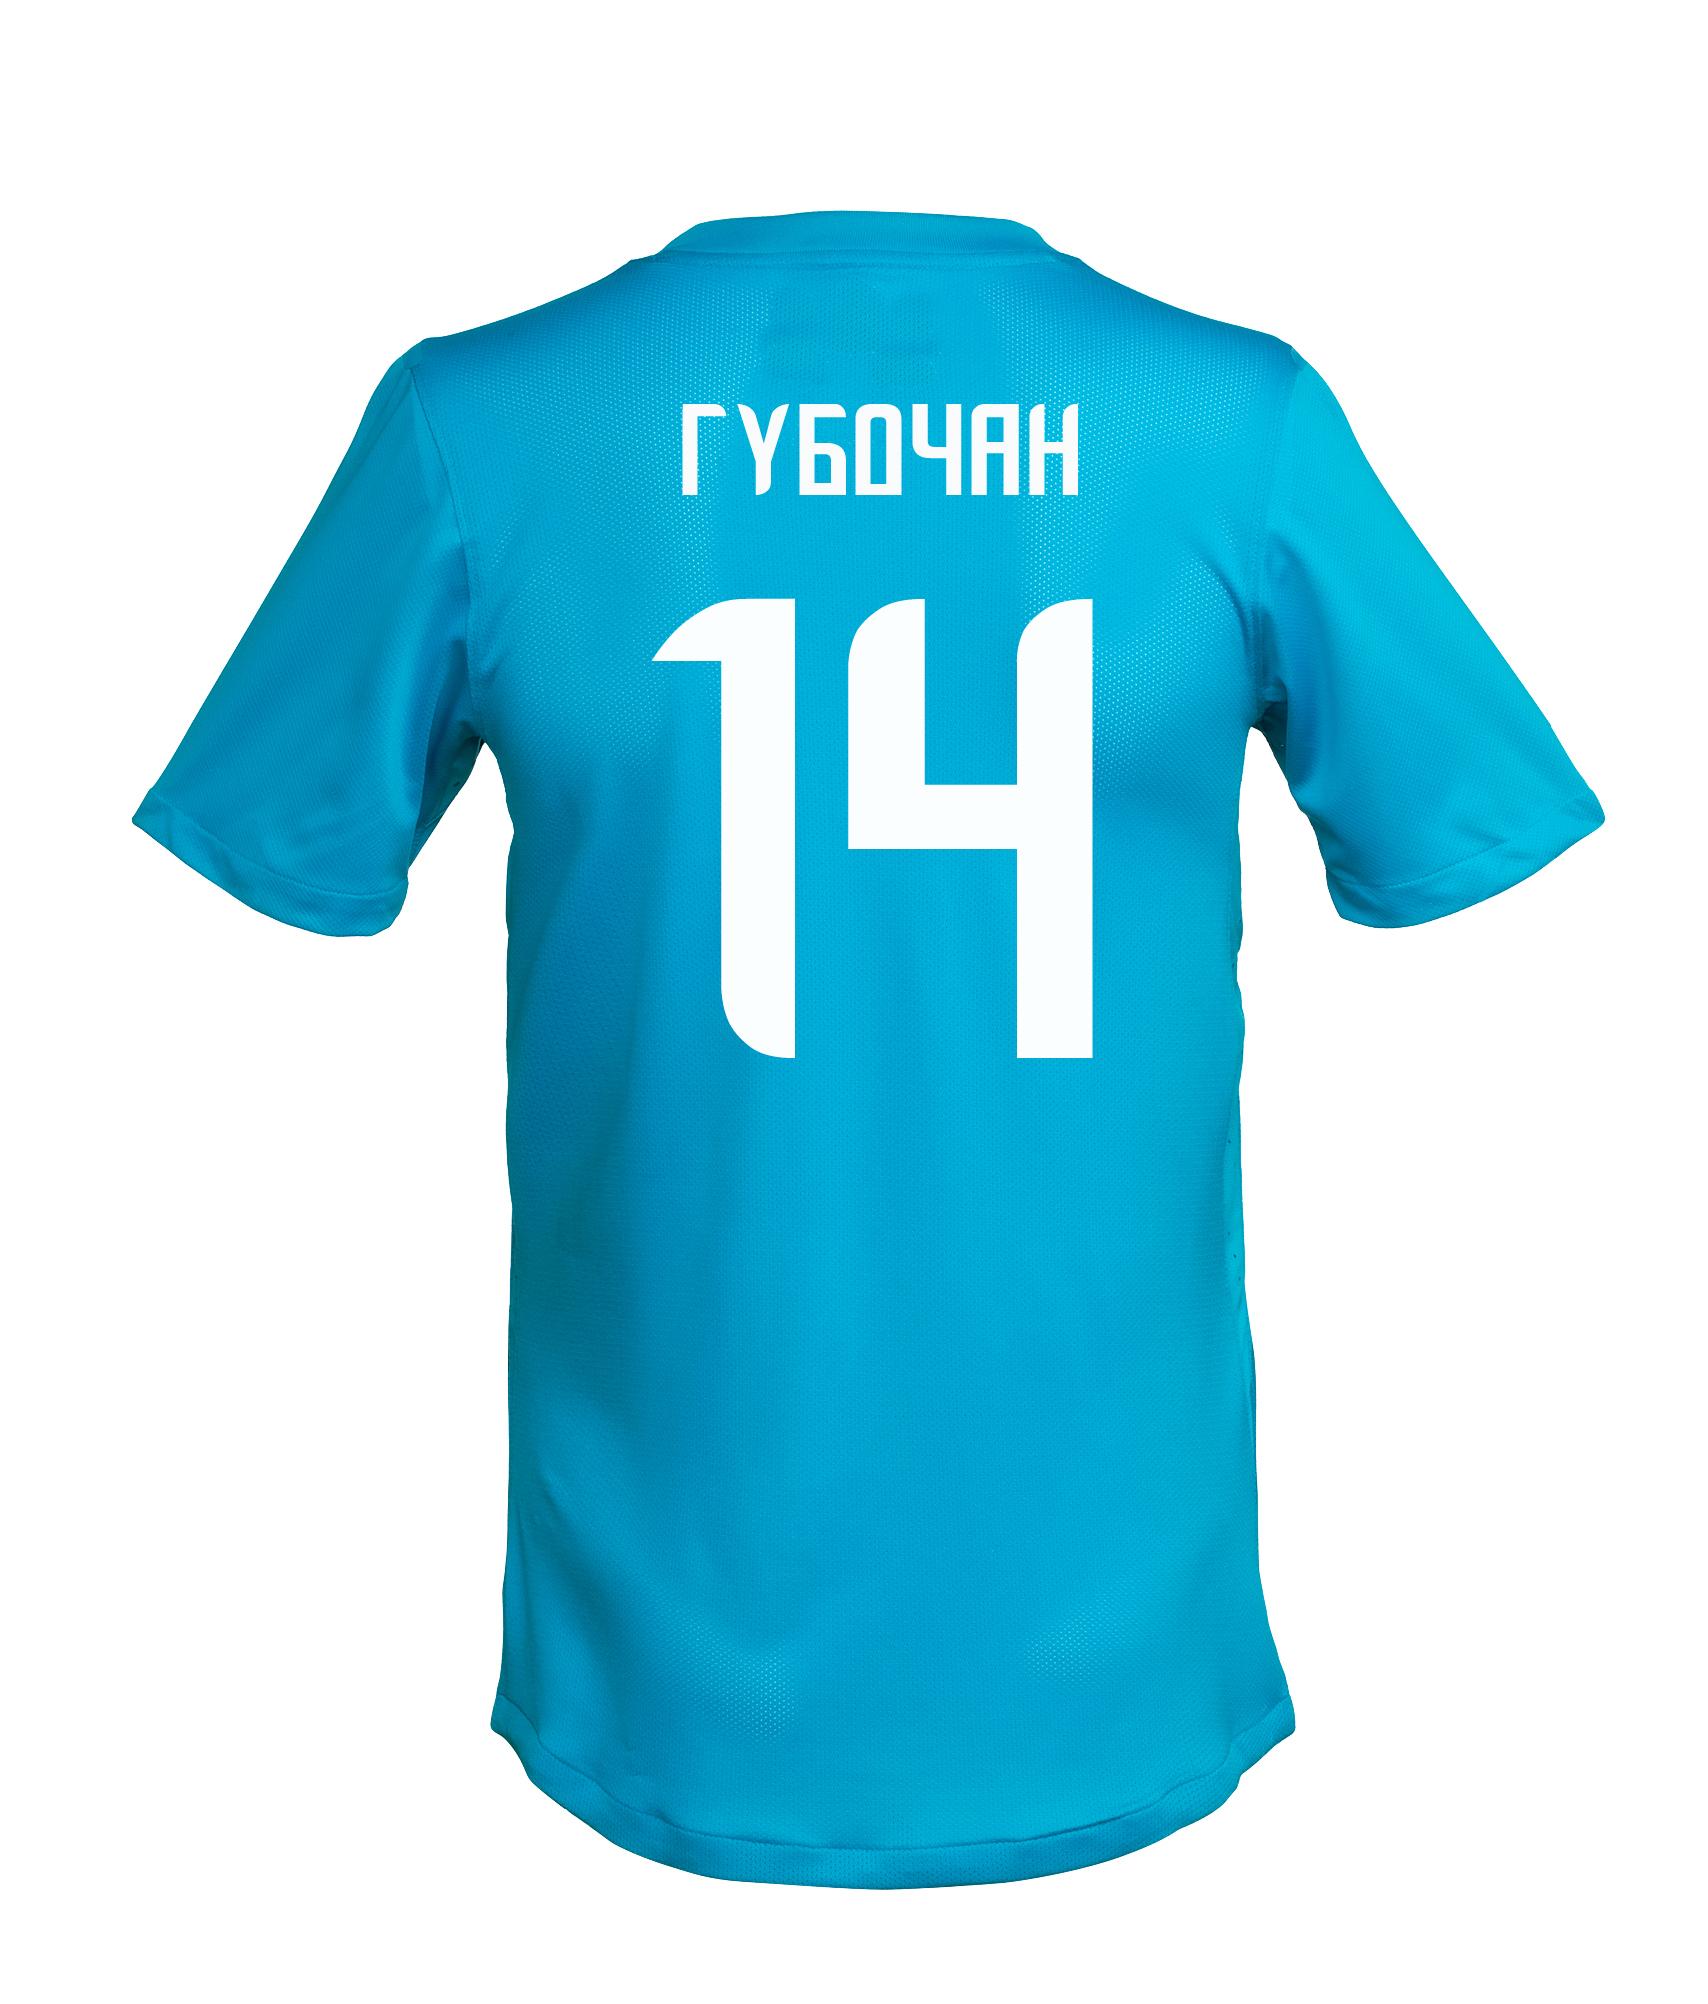 Игровая футболка с фамилией и номером Т. Губочана, Цвет-Синий, Размер-S